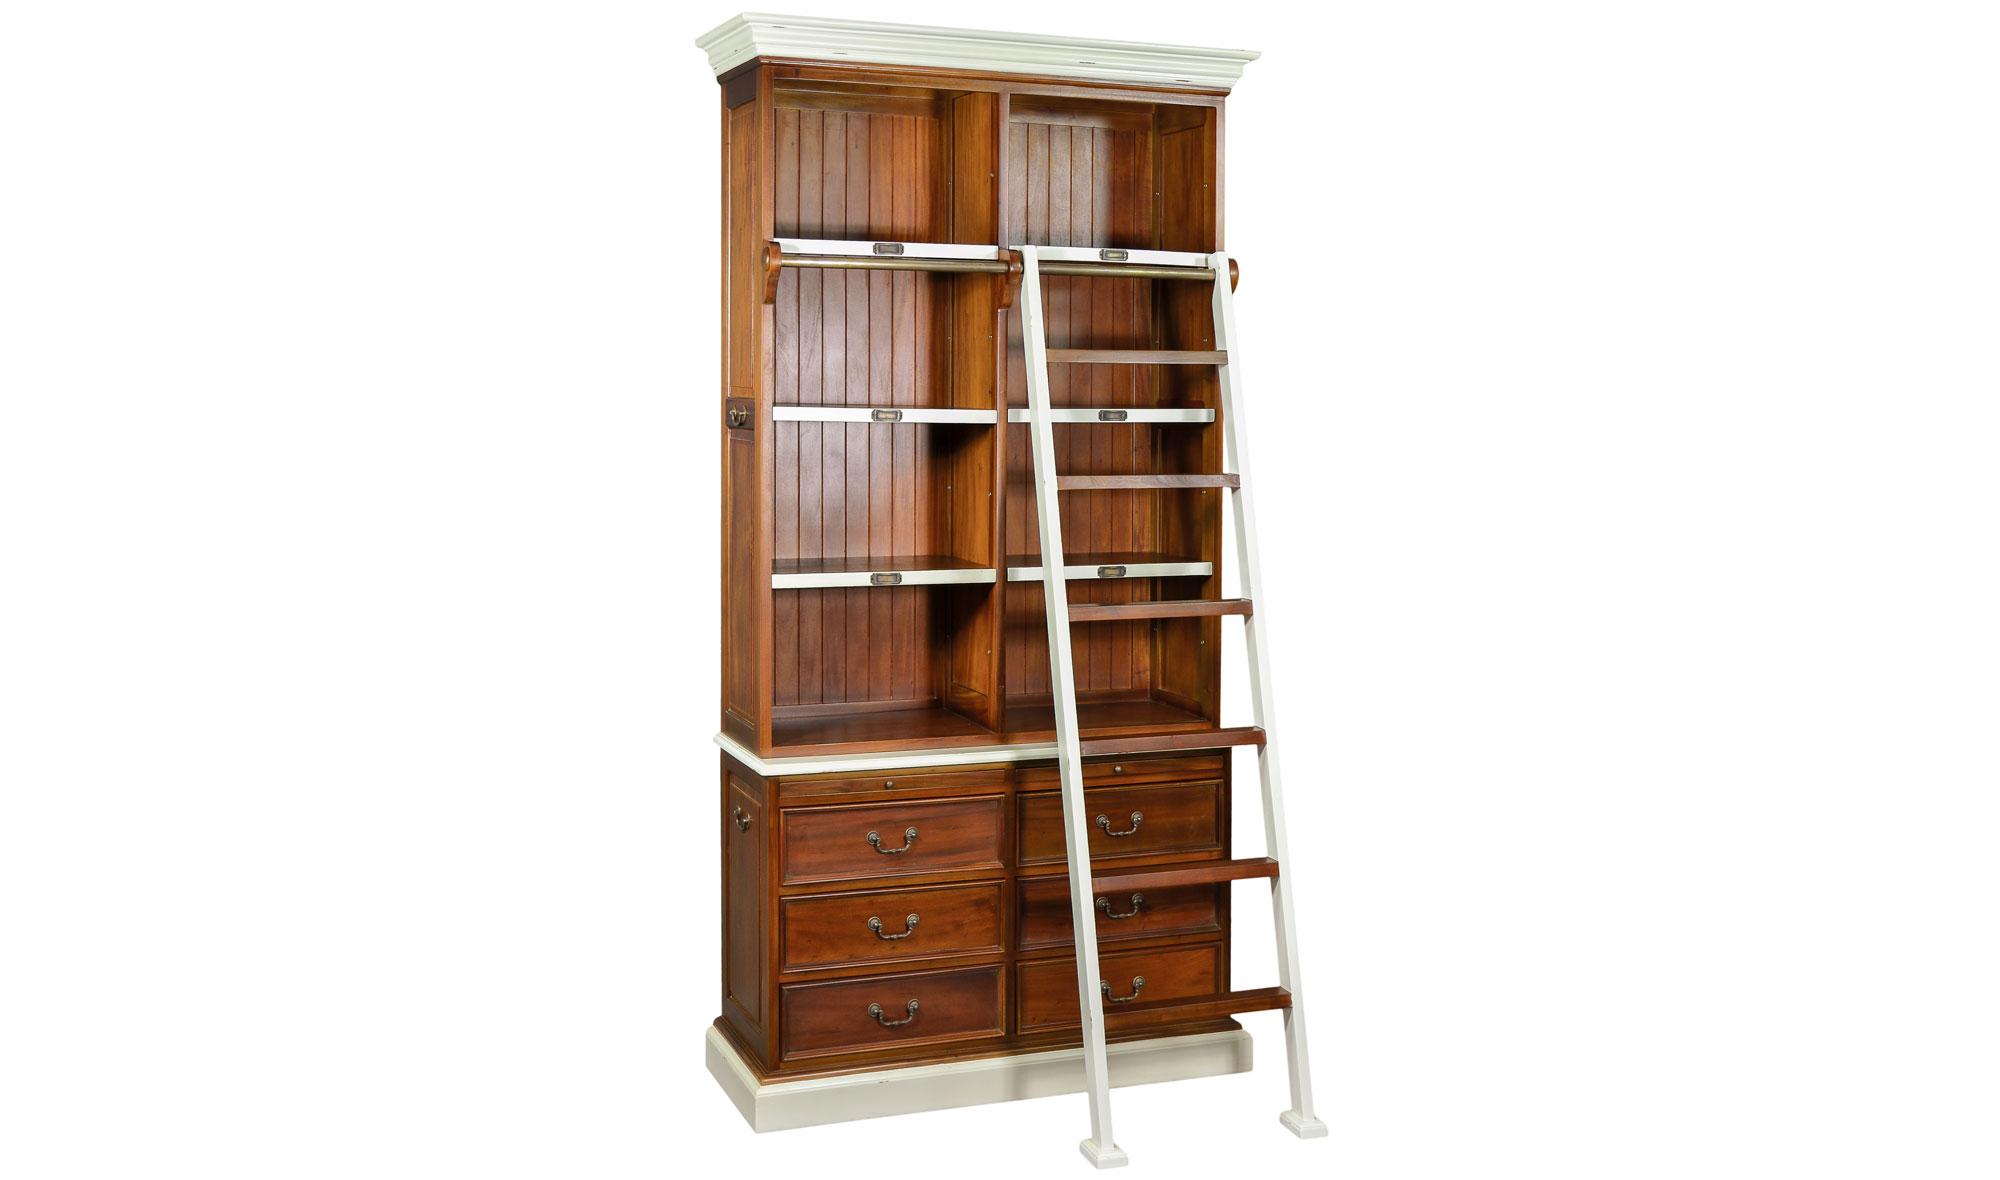 Librera con escalera vintage Poitier en Portobellostreetes